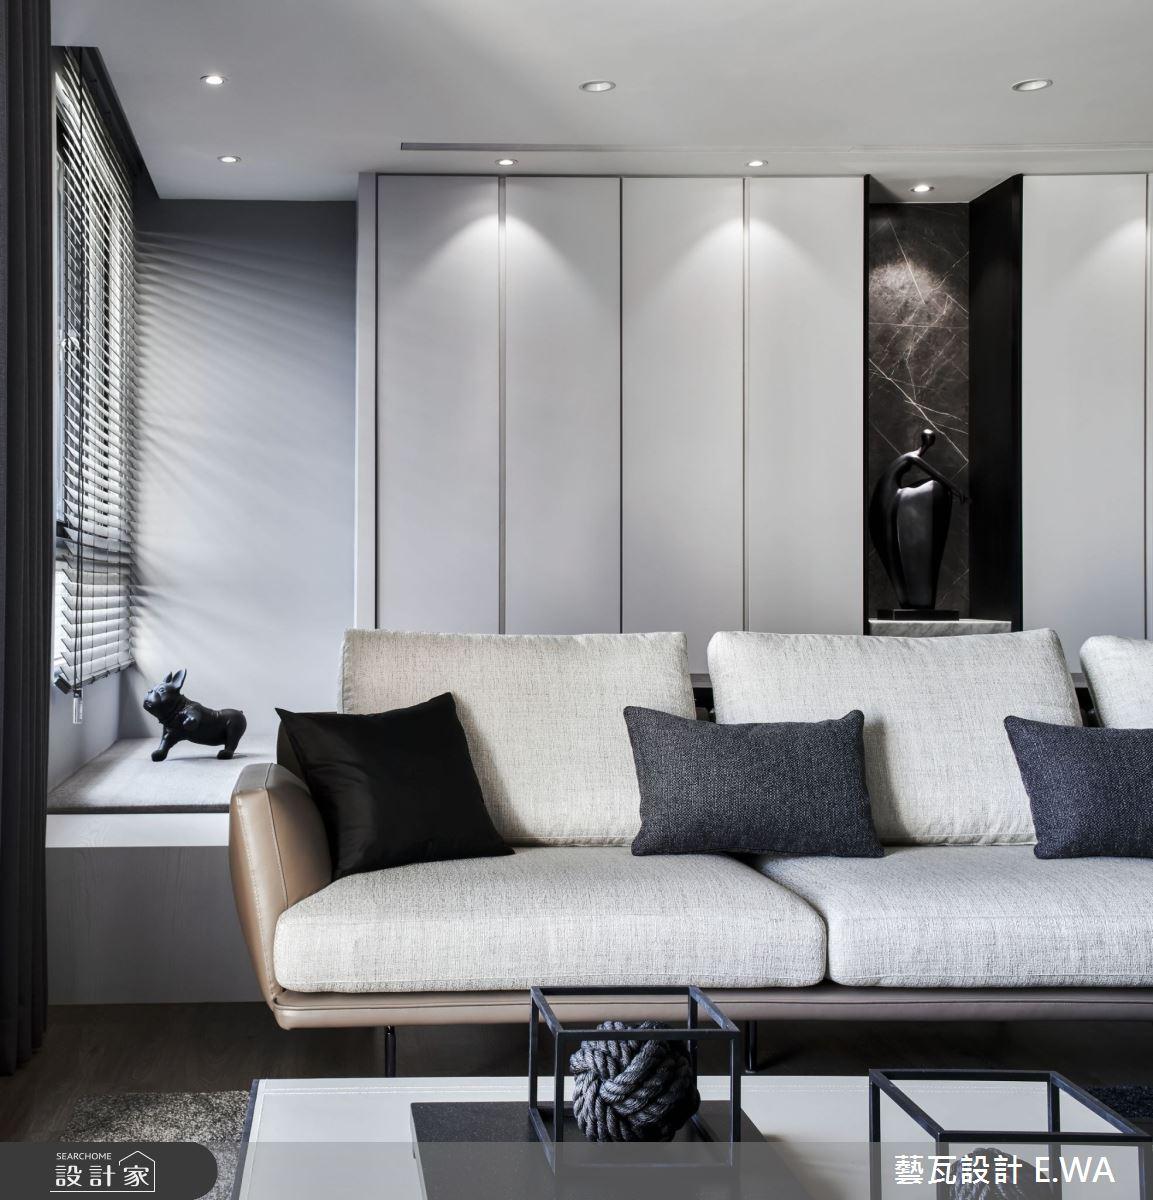 90坪新成屋(5年以下)_現代風客廳案例圖片_藝瓦室內設計_藝瓦_25之6